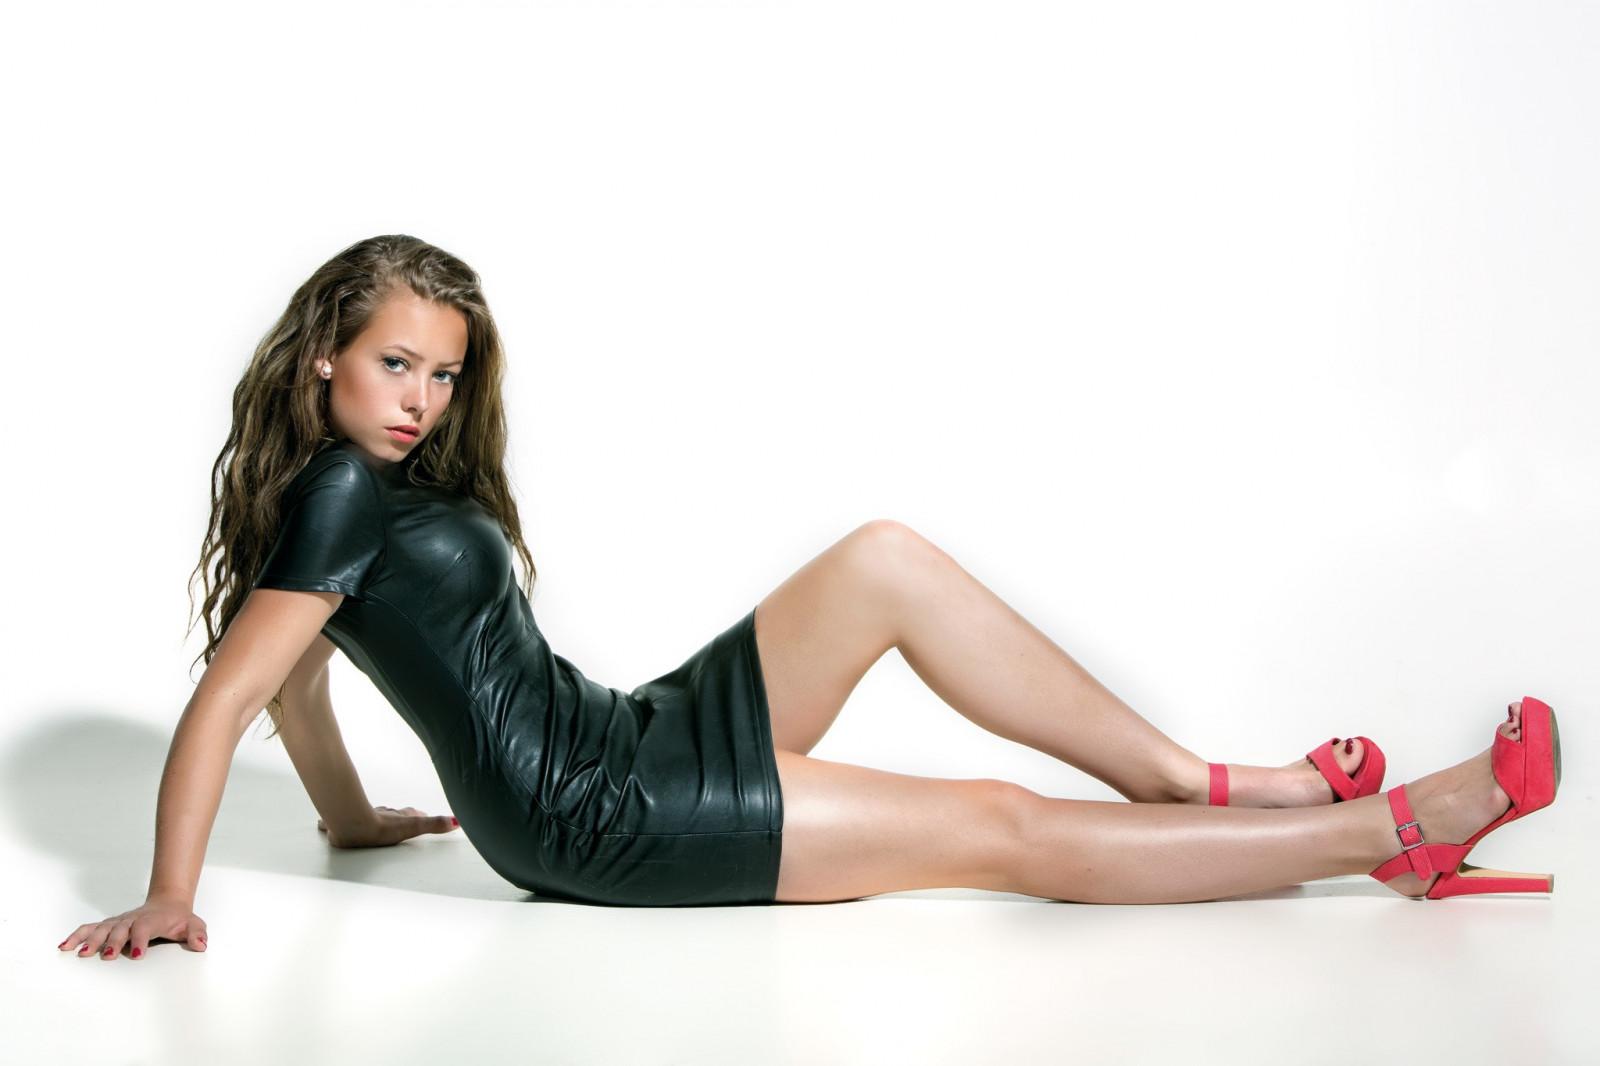 Фото модели ножки